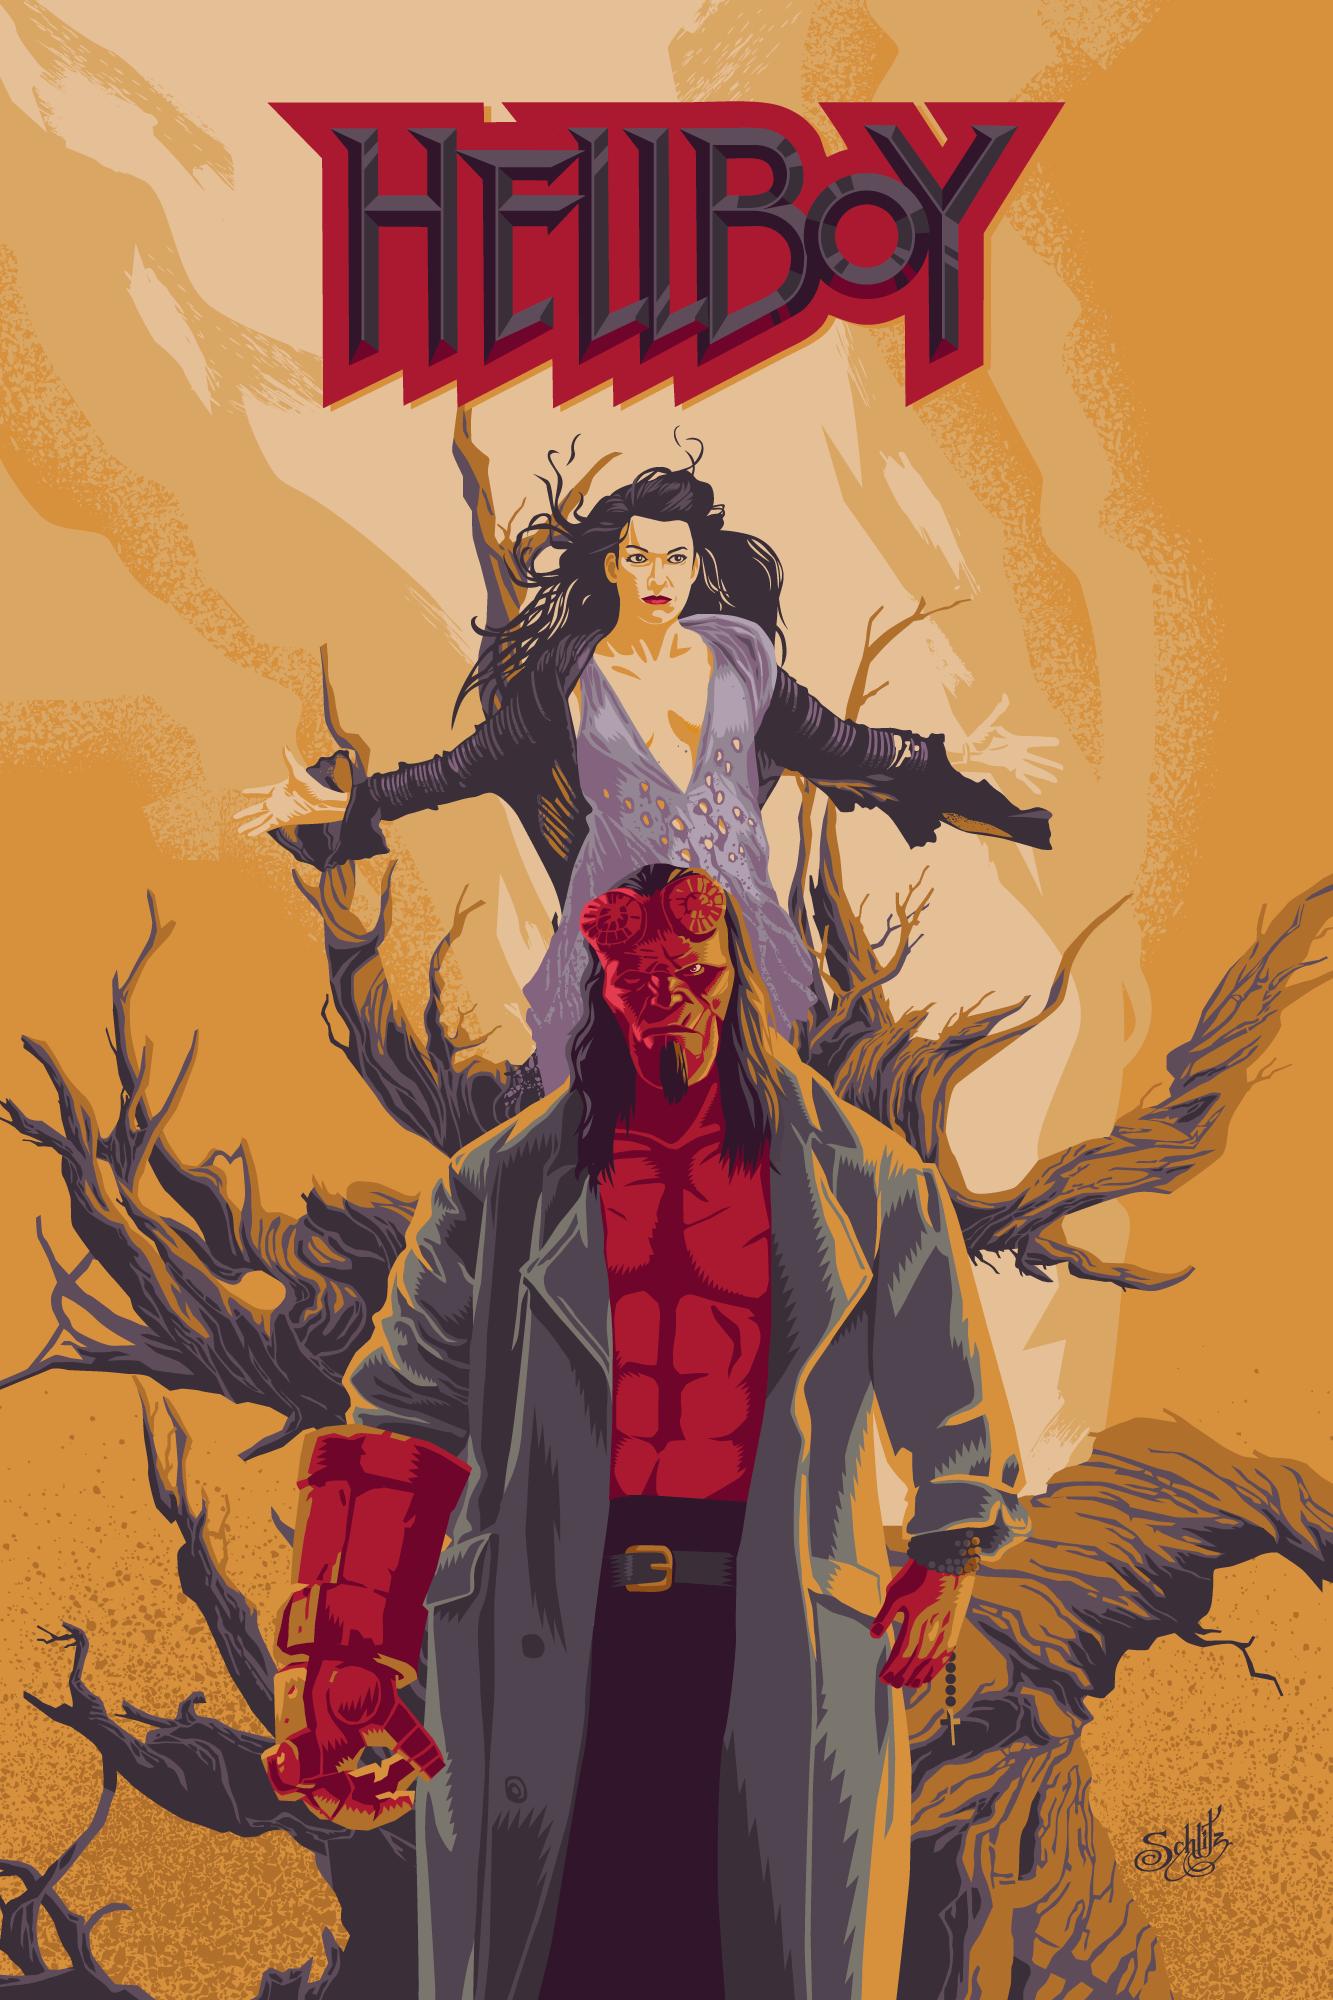 Hellboy 2019 - PosterSpy